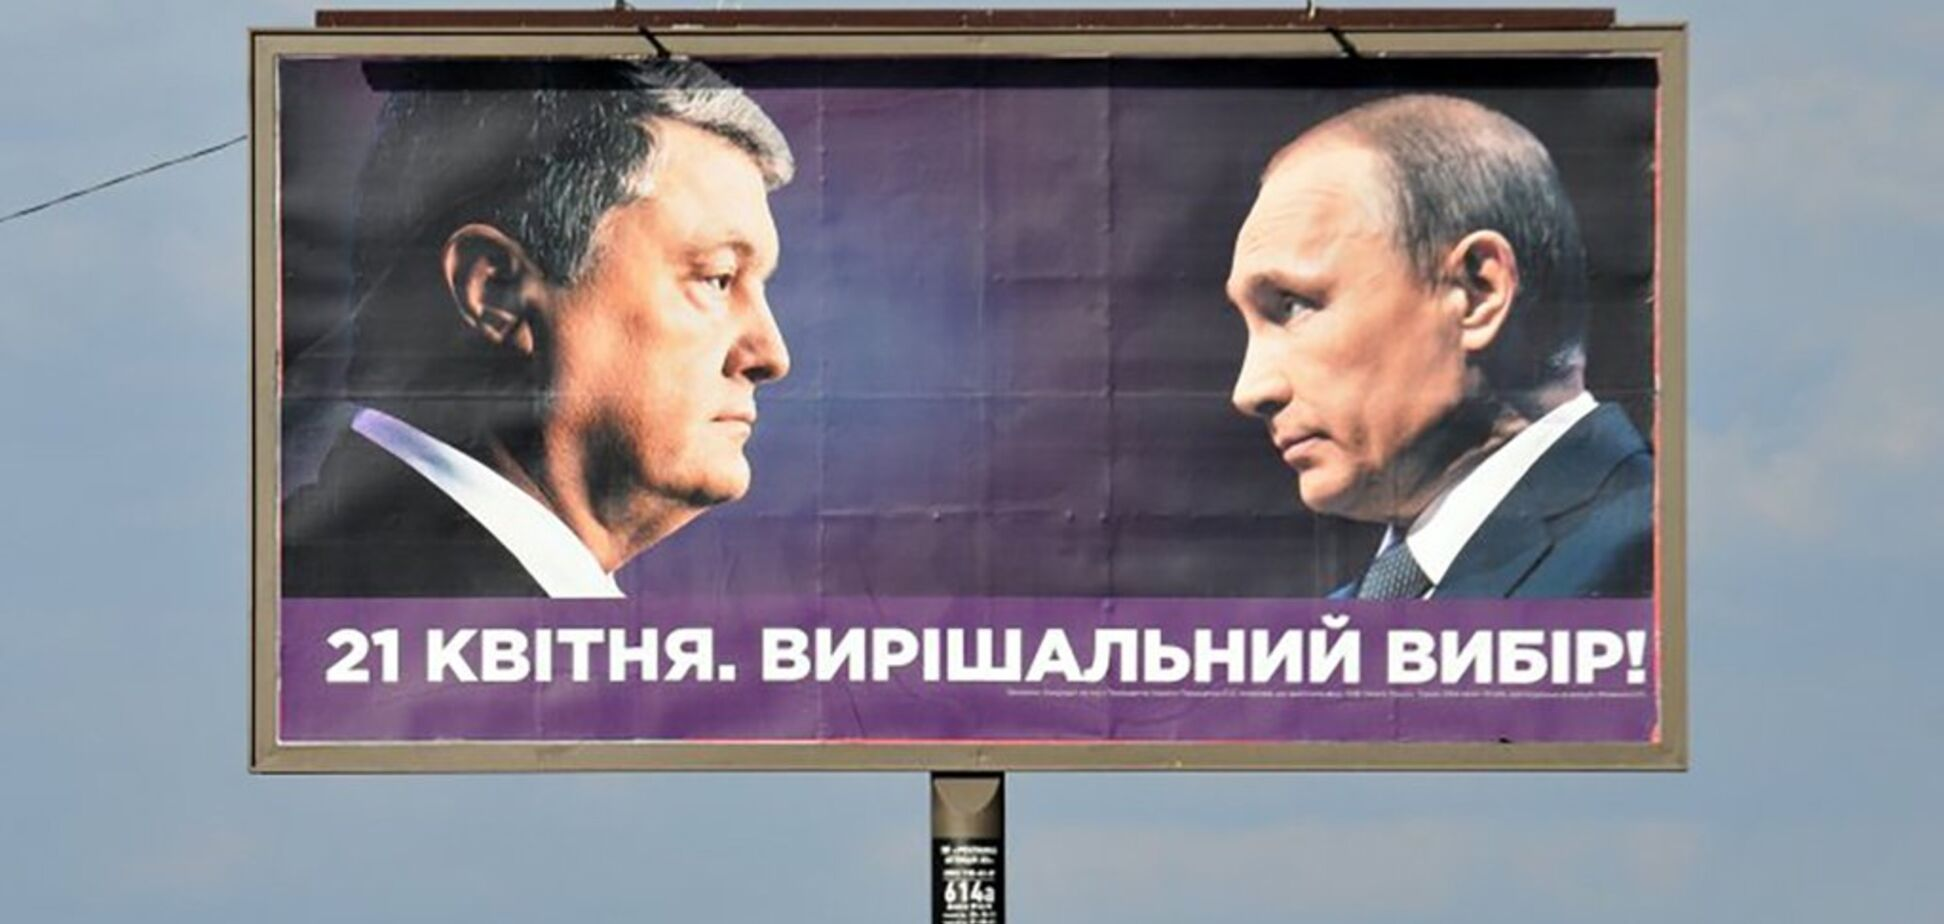 Москва не скрывает кого поддерживает на выборах в Украине